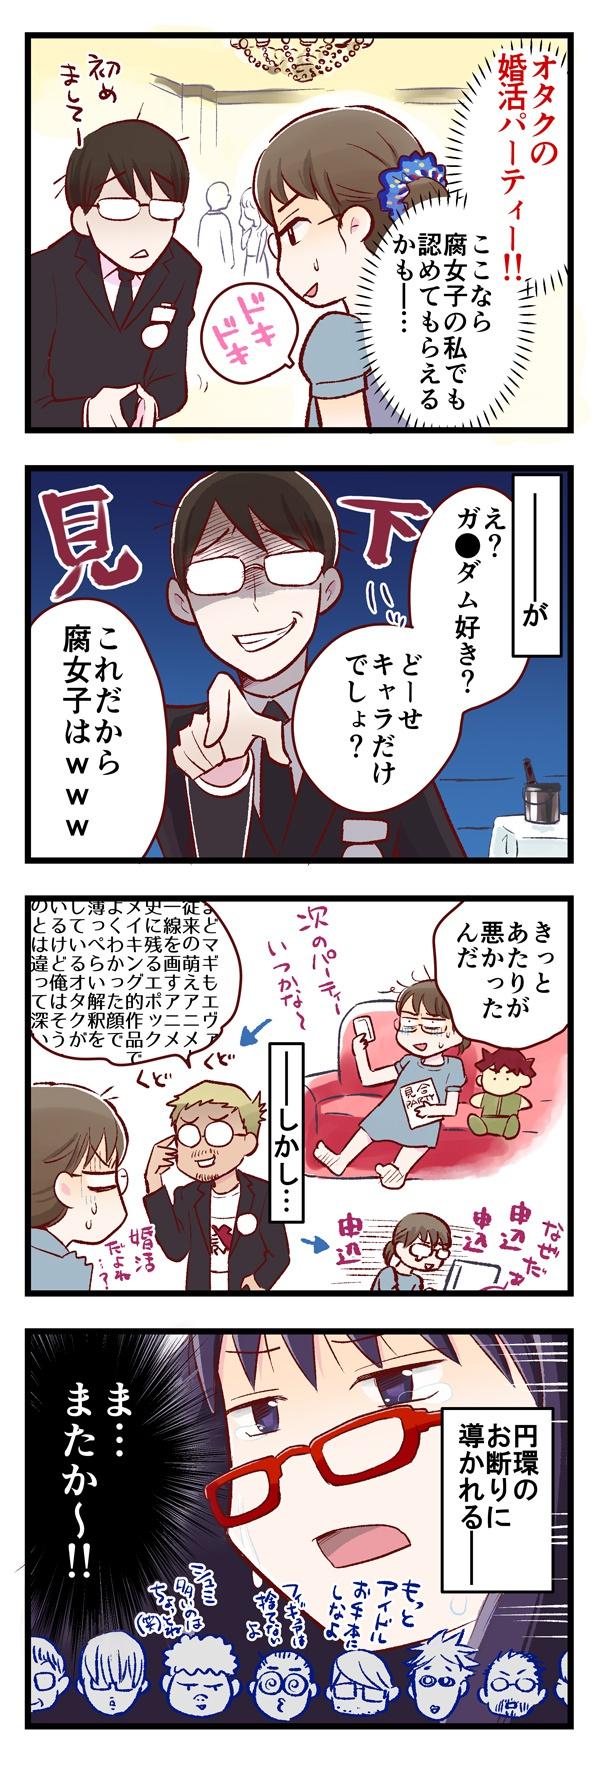 横井さん四コマ5月